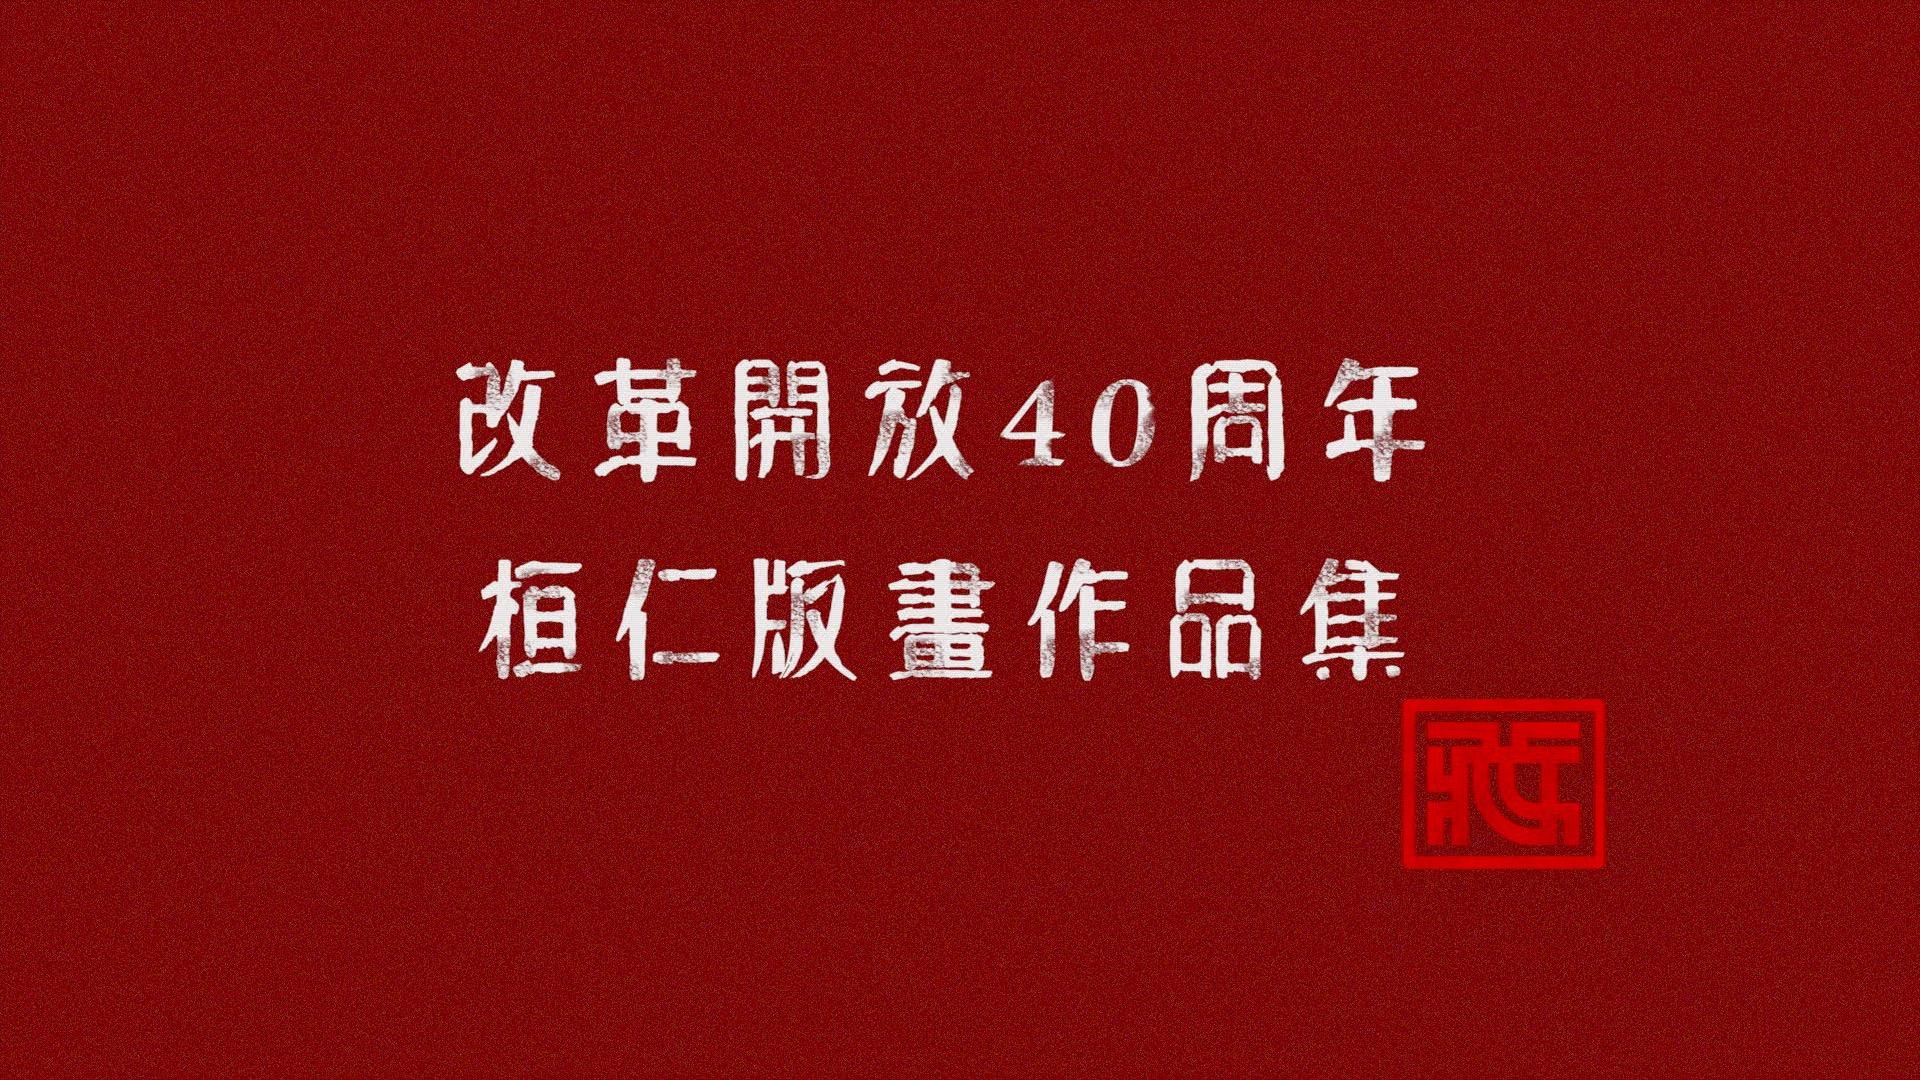 改革开放40周年 桓仁版画作品集